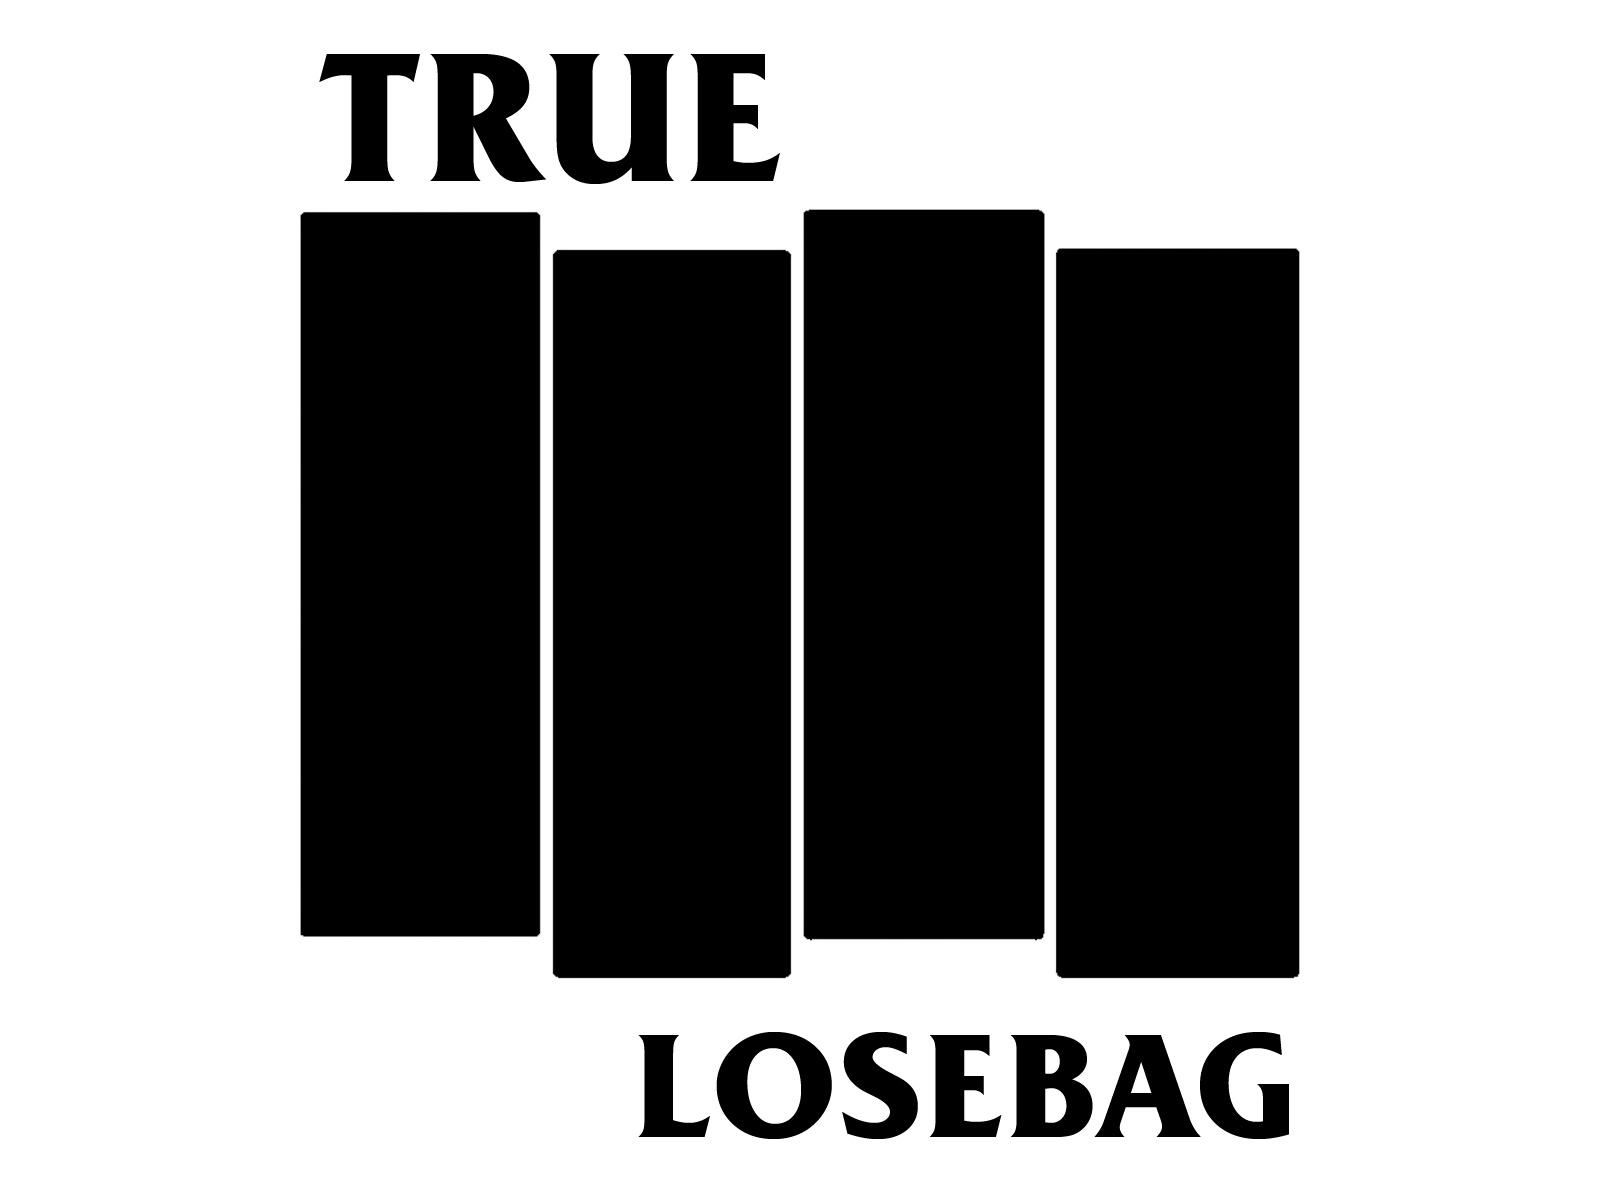 losebag - flag